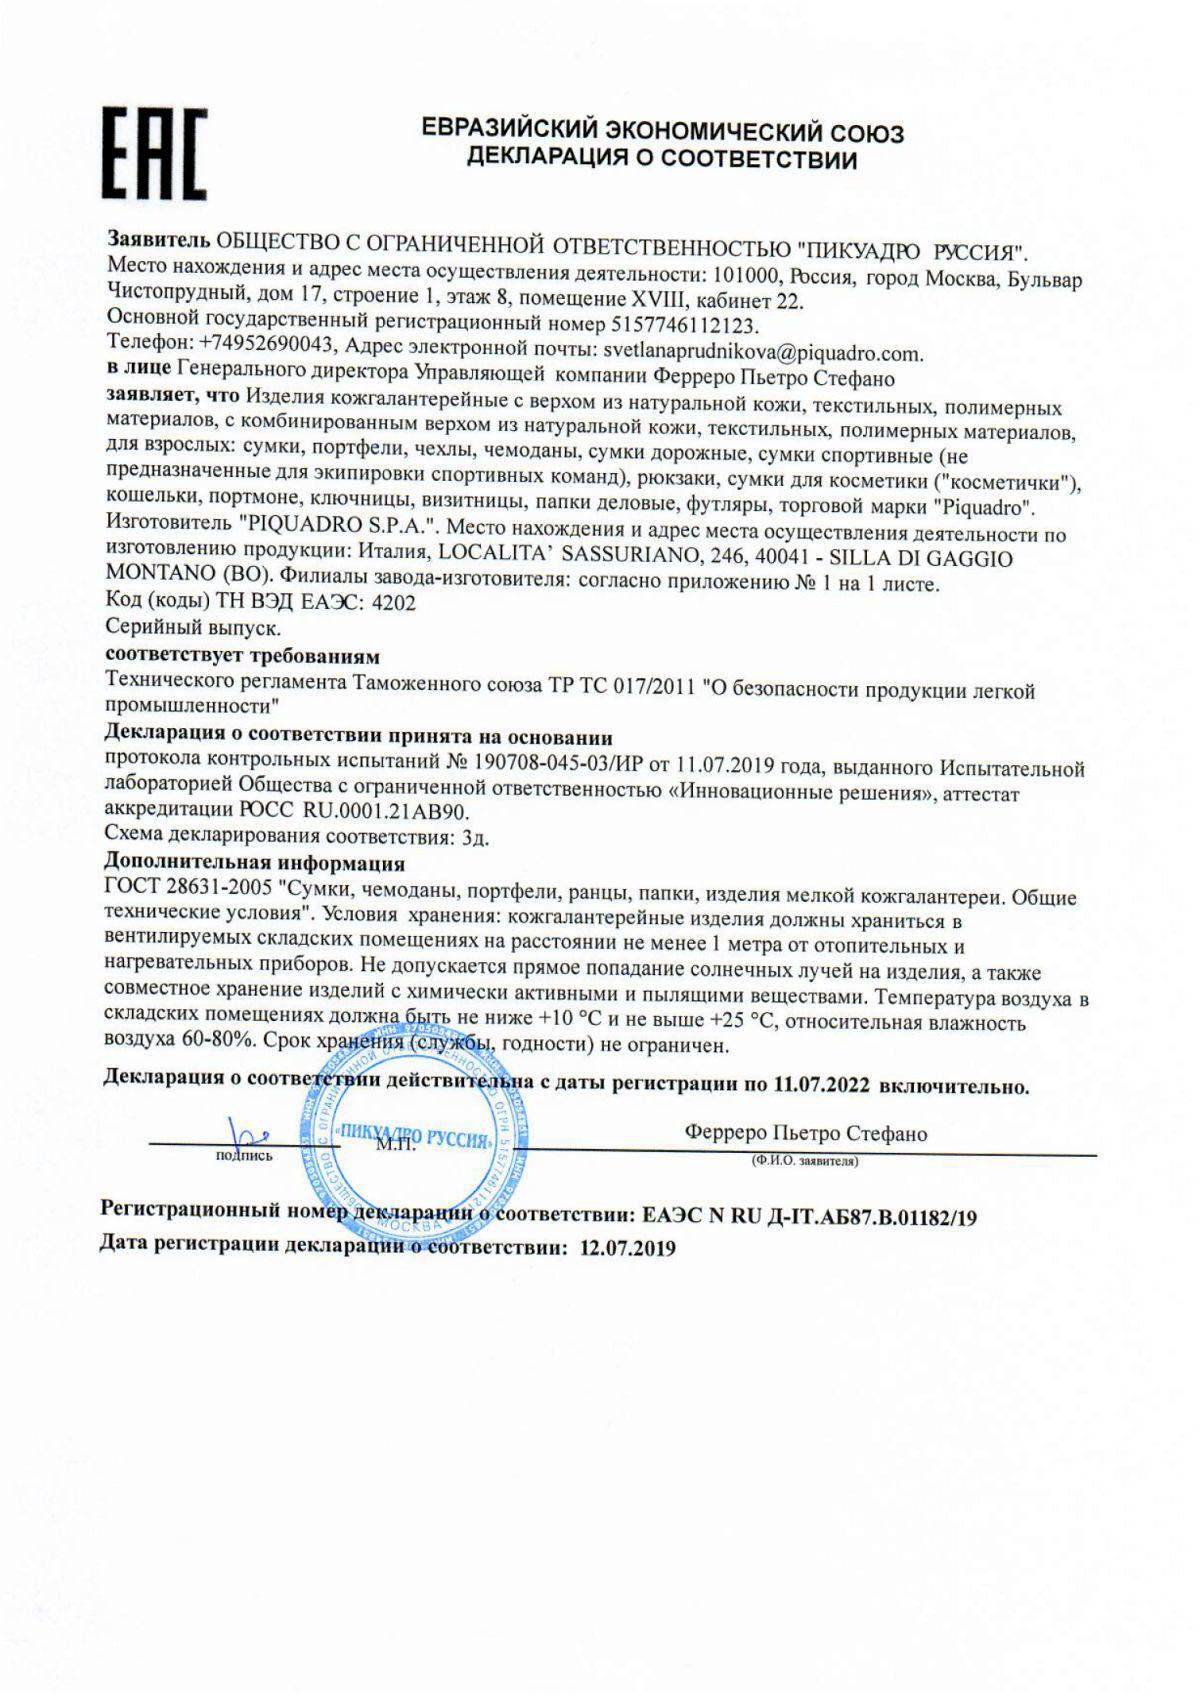 Декларация о соответствии изделий из кожи торговой марки Piquadro